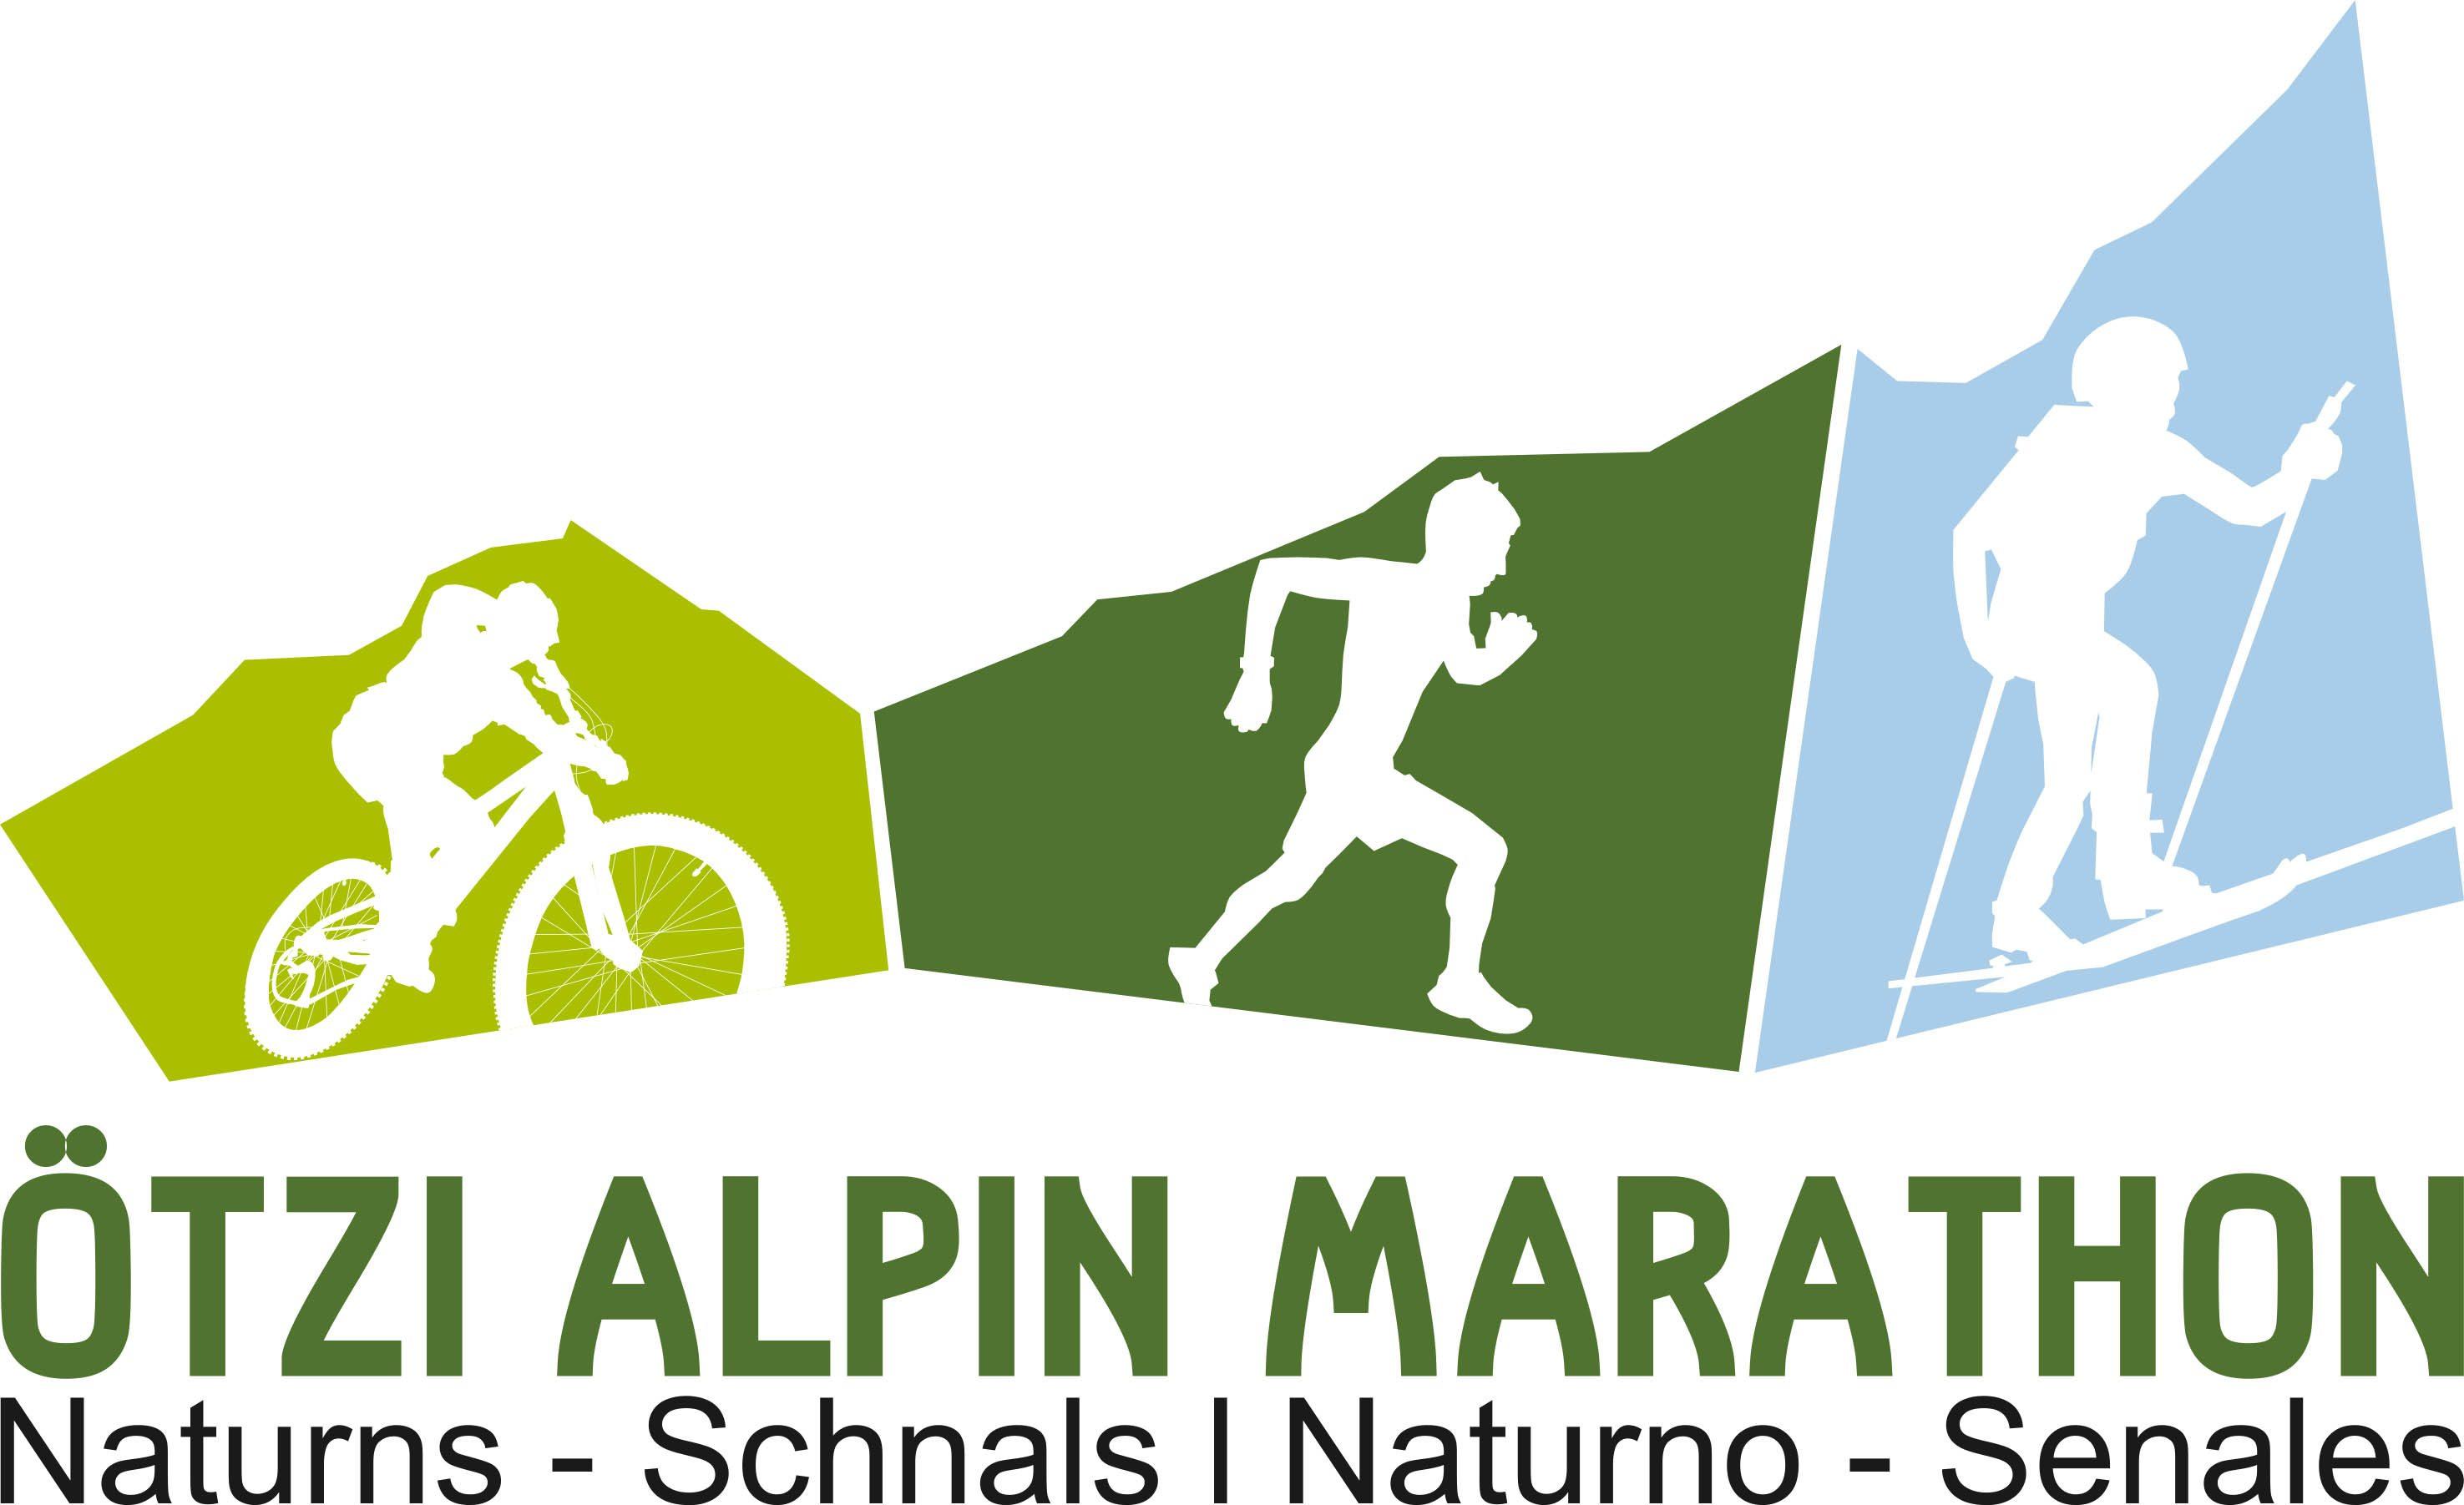 otzialpinmarathon